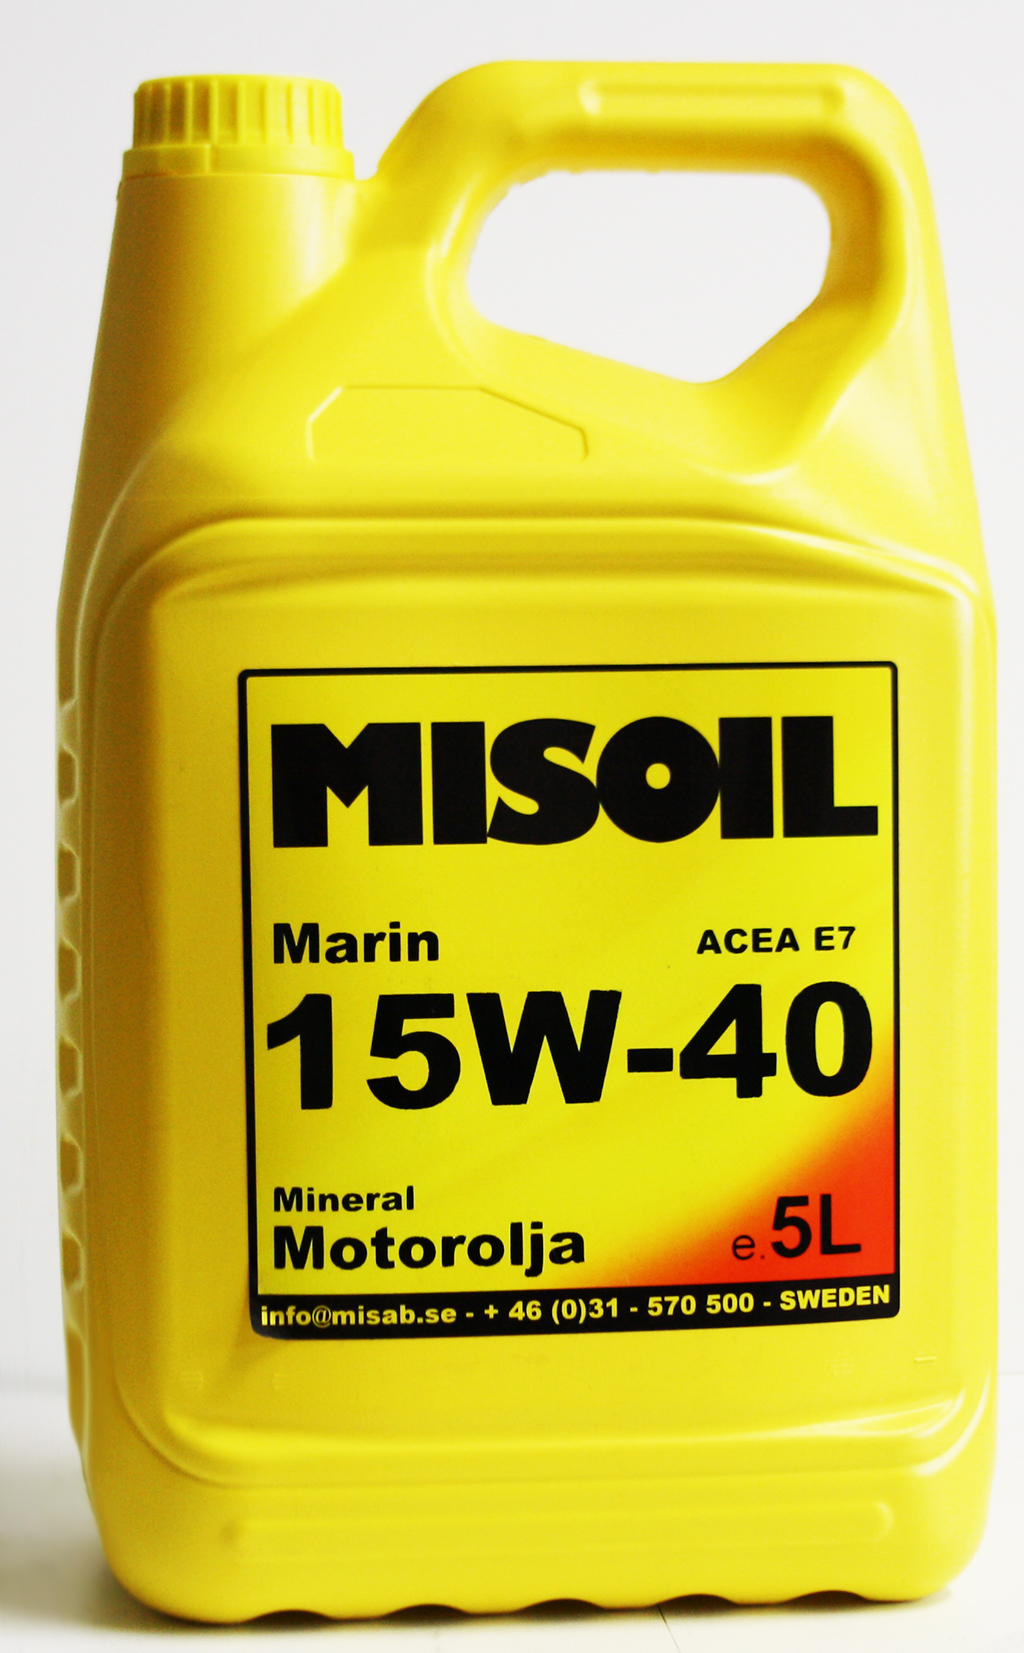 MISOIL MARIN 15W-40 1L